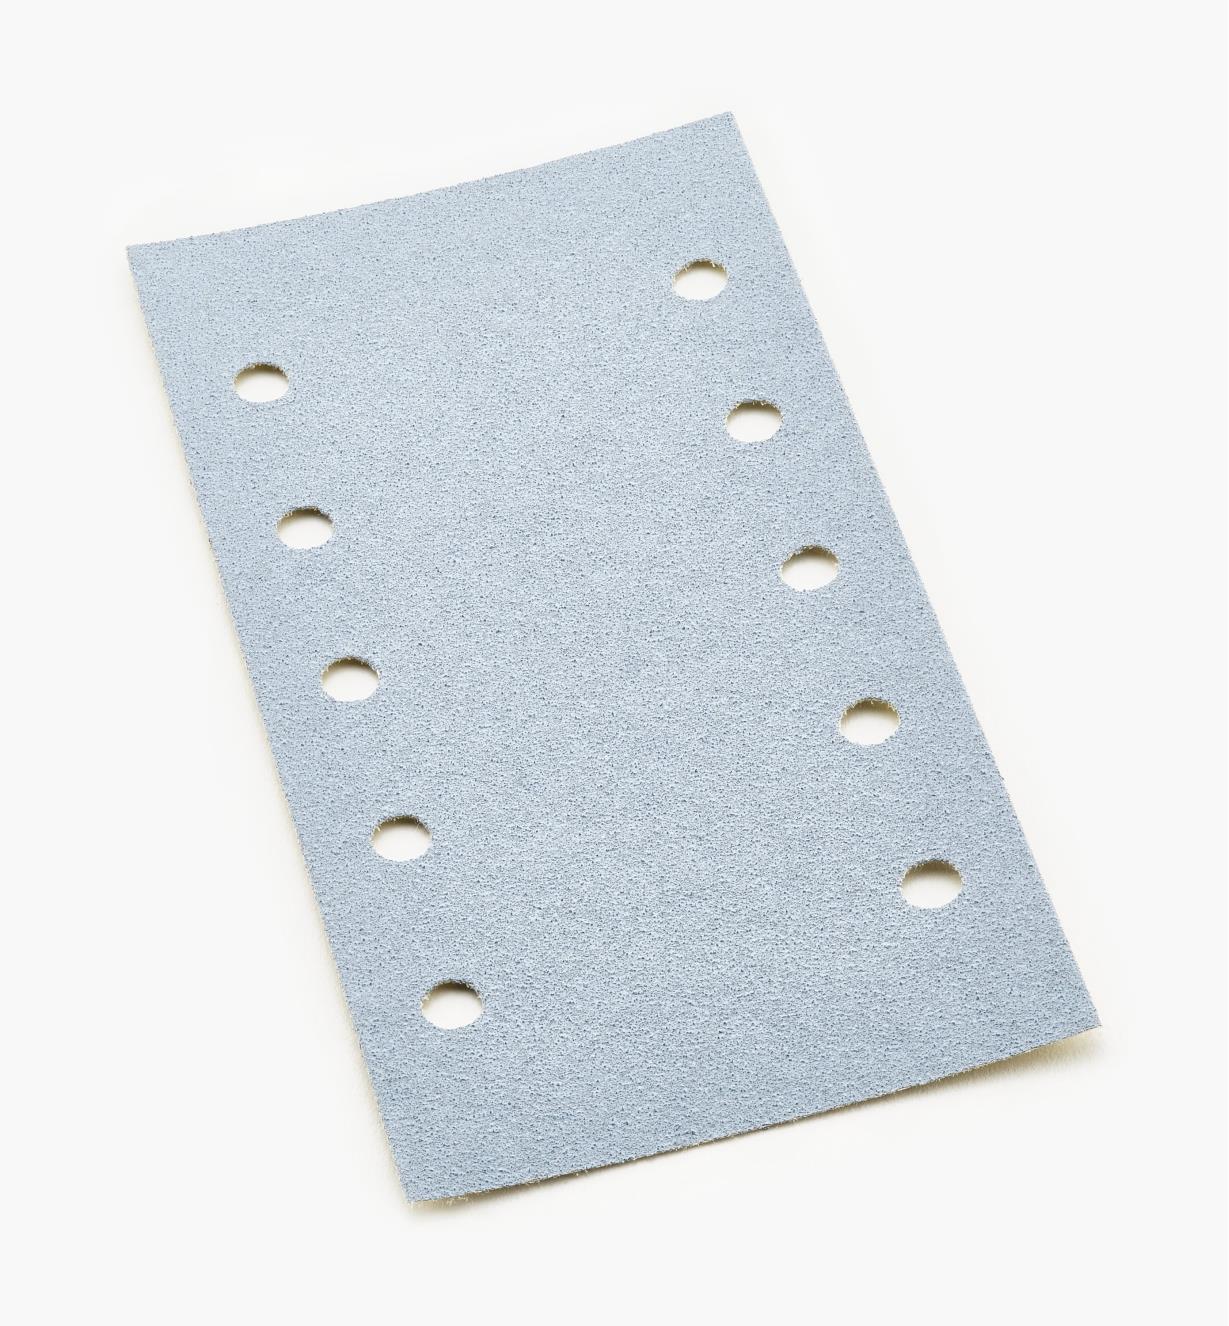 ZA498945 - Granat (P 60), Qty. 50